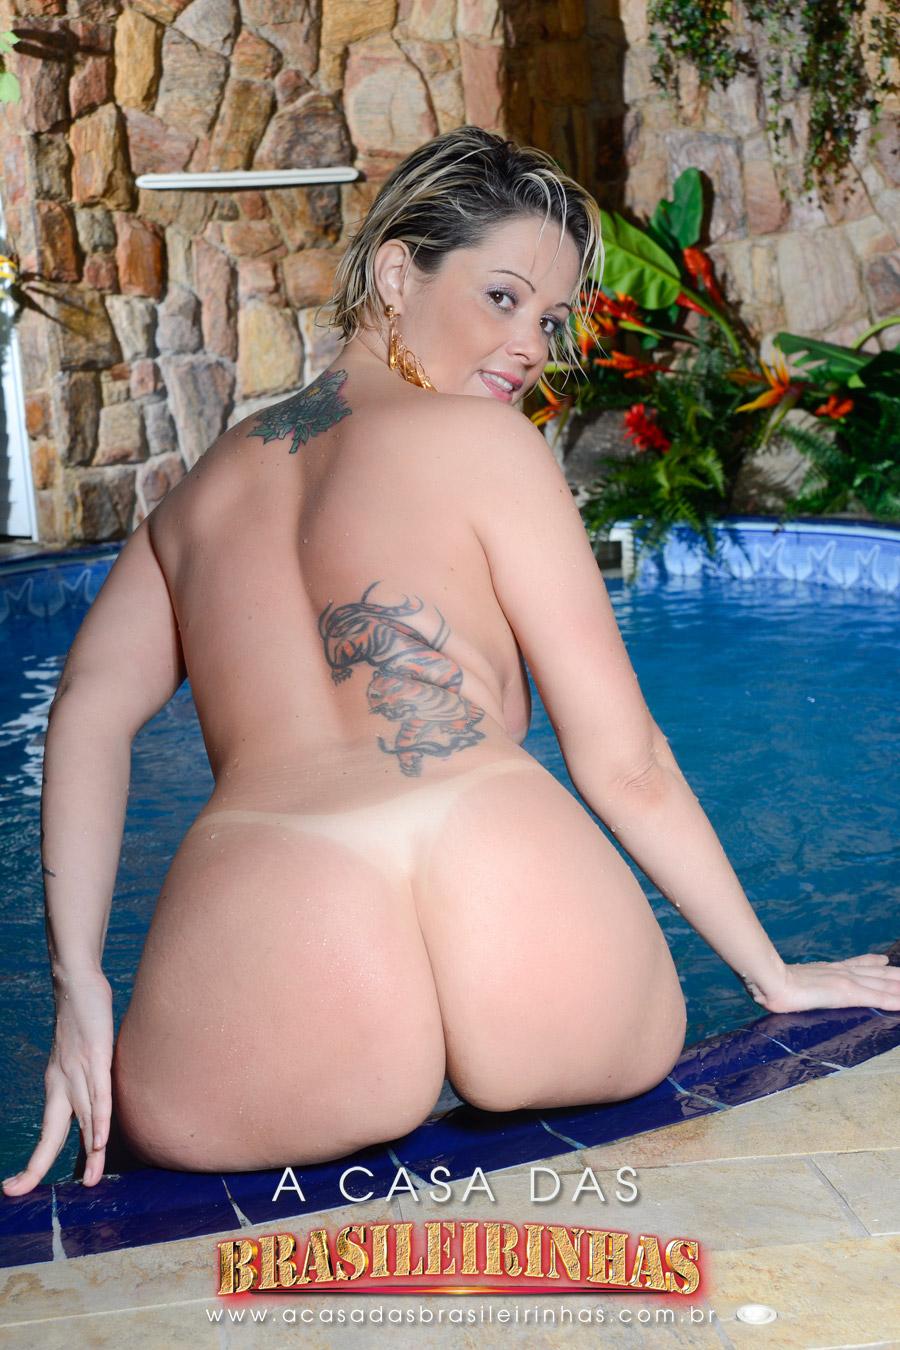 alexia-prado-gostosa-sentada-na-beira-da-piscina-mostrando-o-bundao.jpg